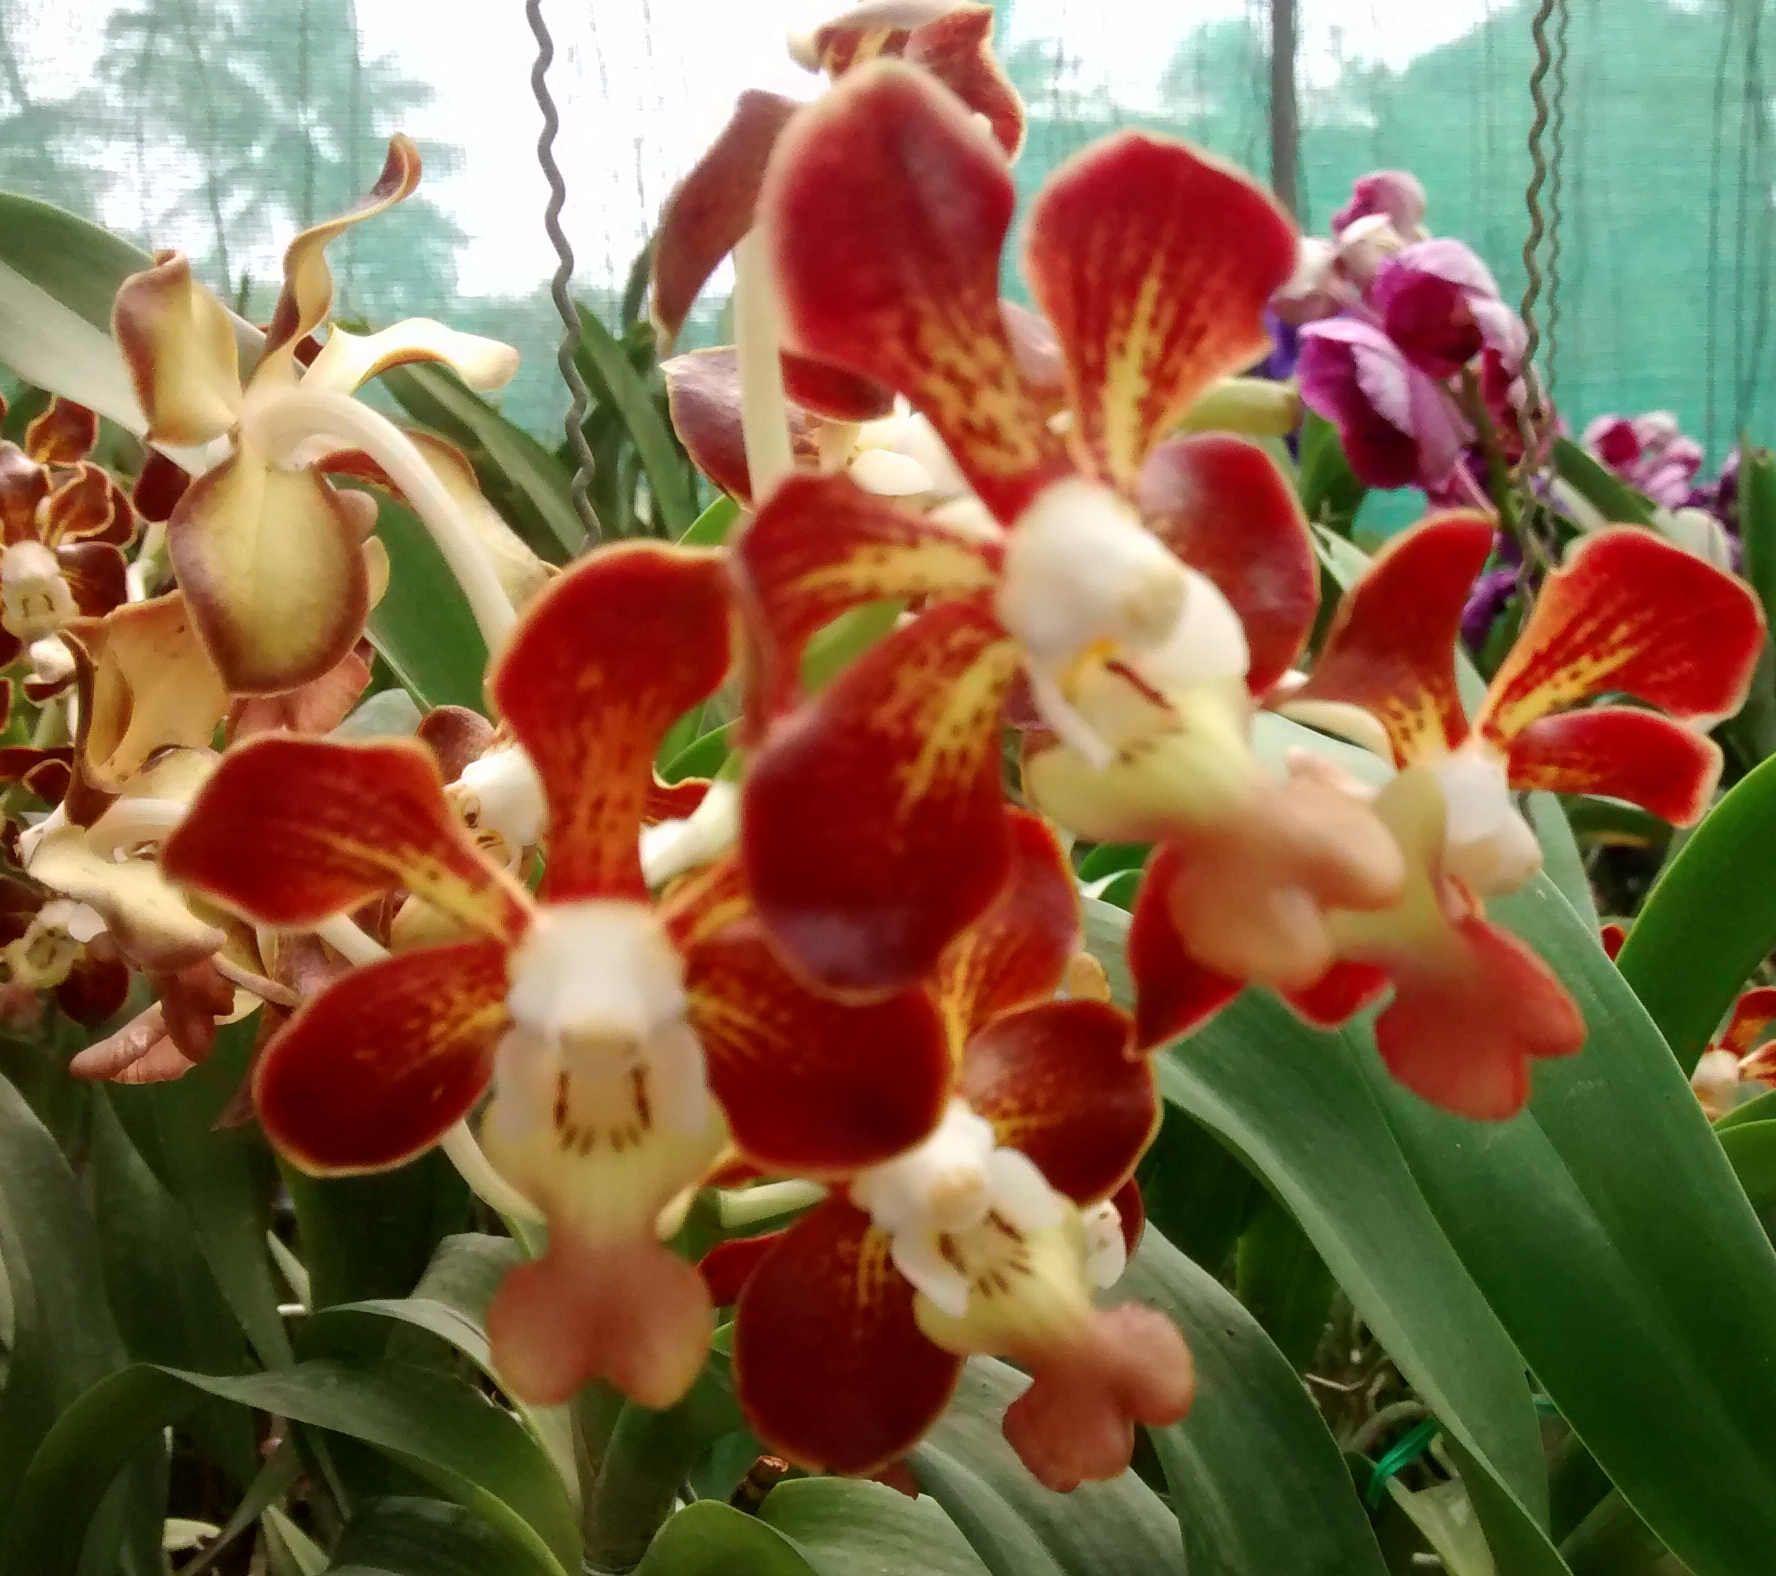 V Tessellata Merrillii Klairvoyant Orchids Thrissur Kerala India Orquidea